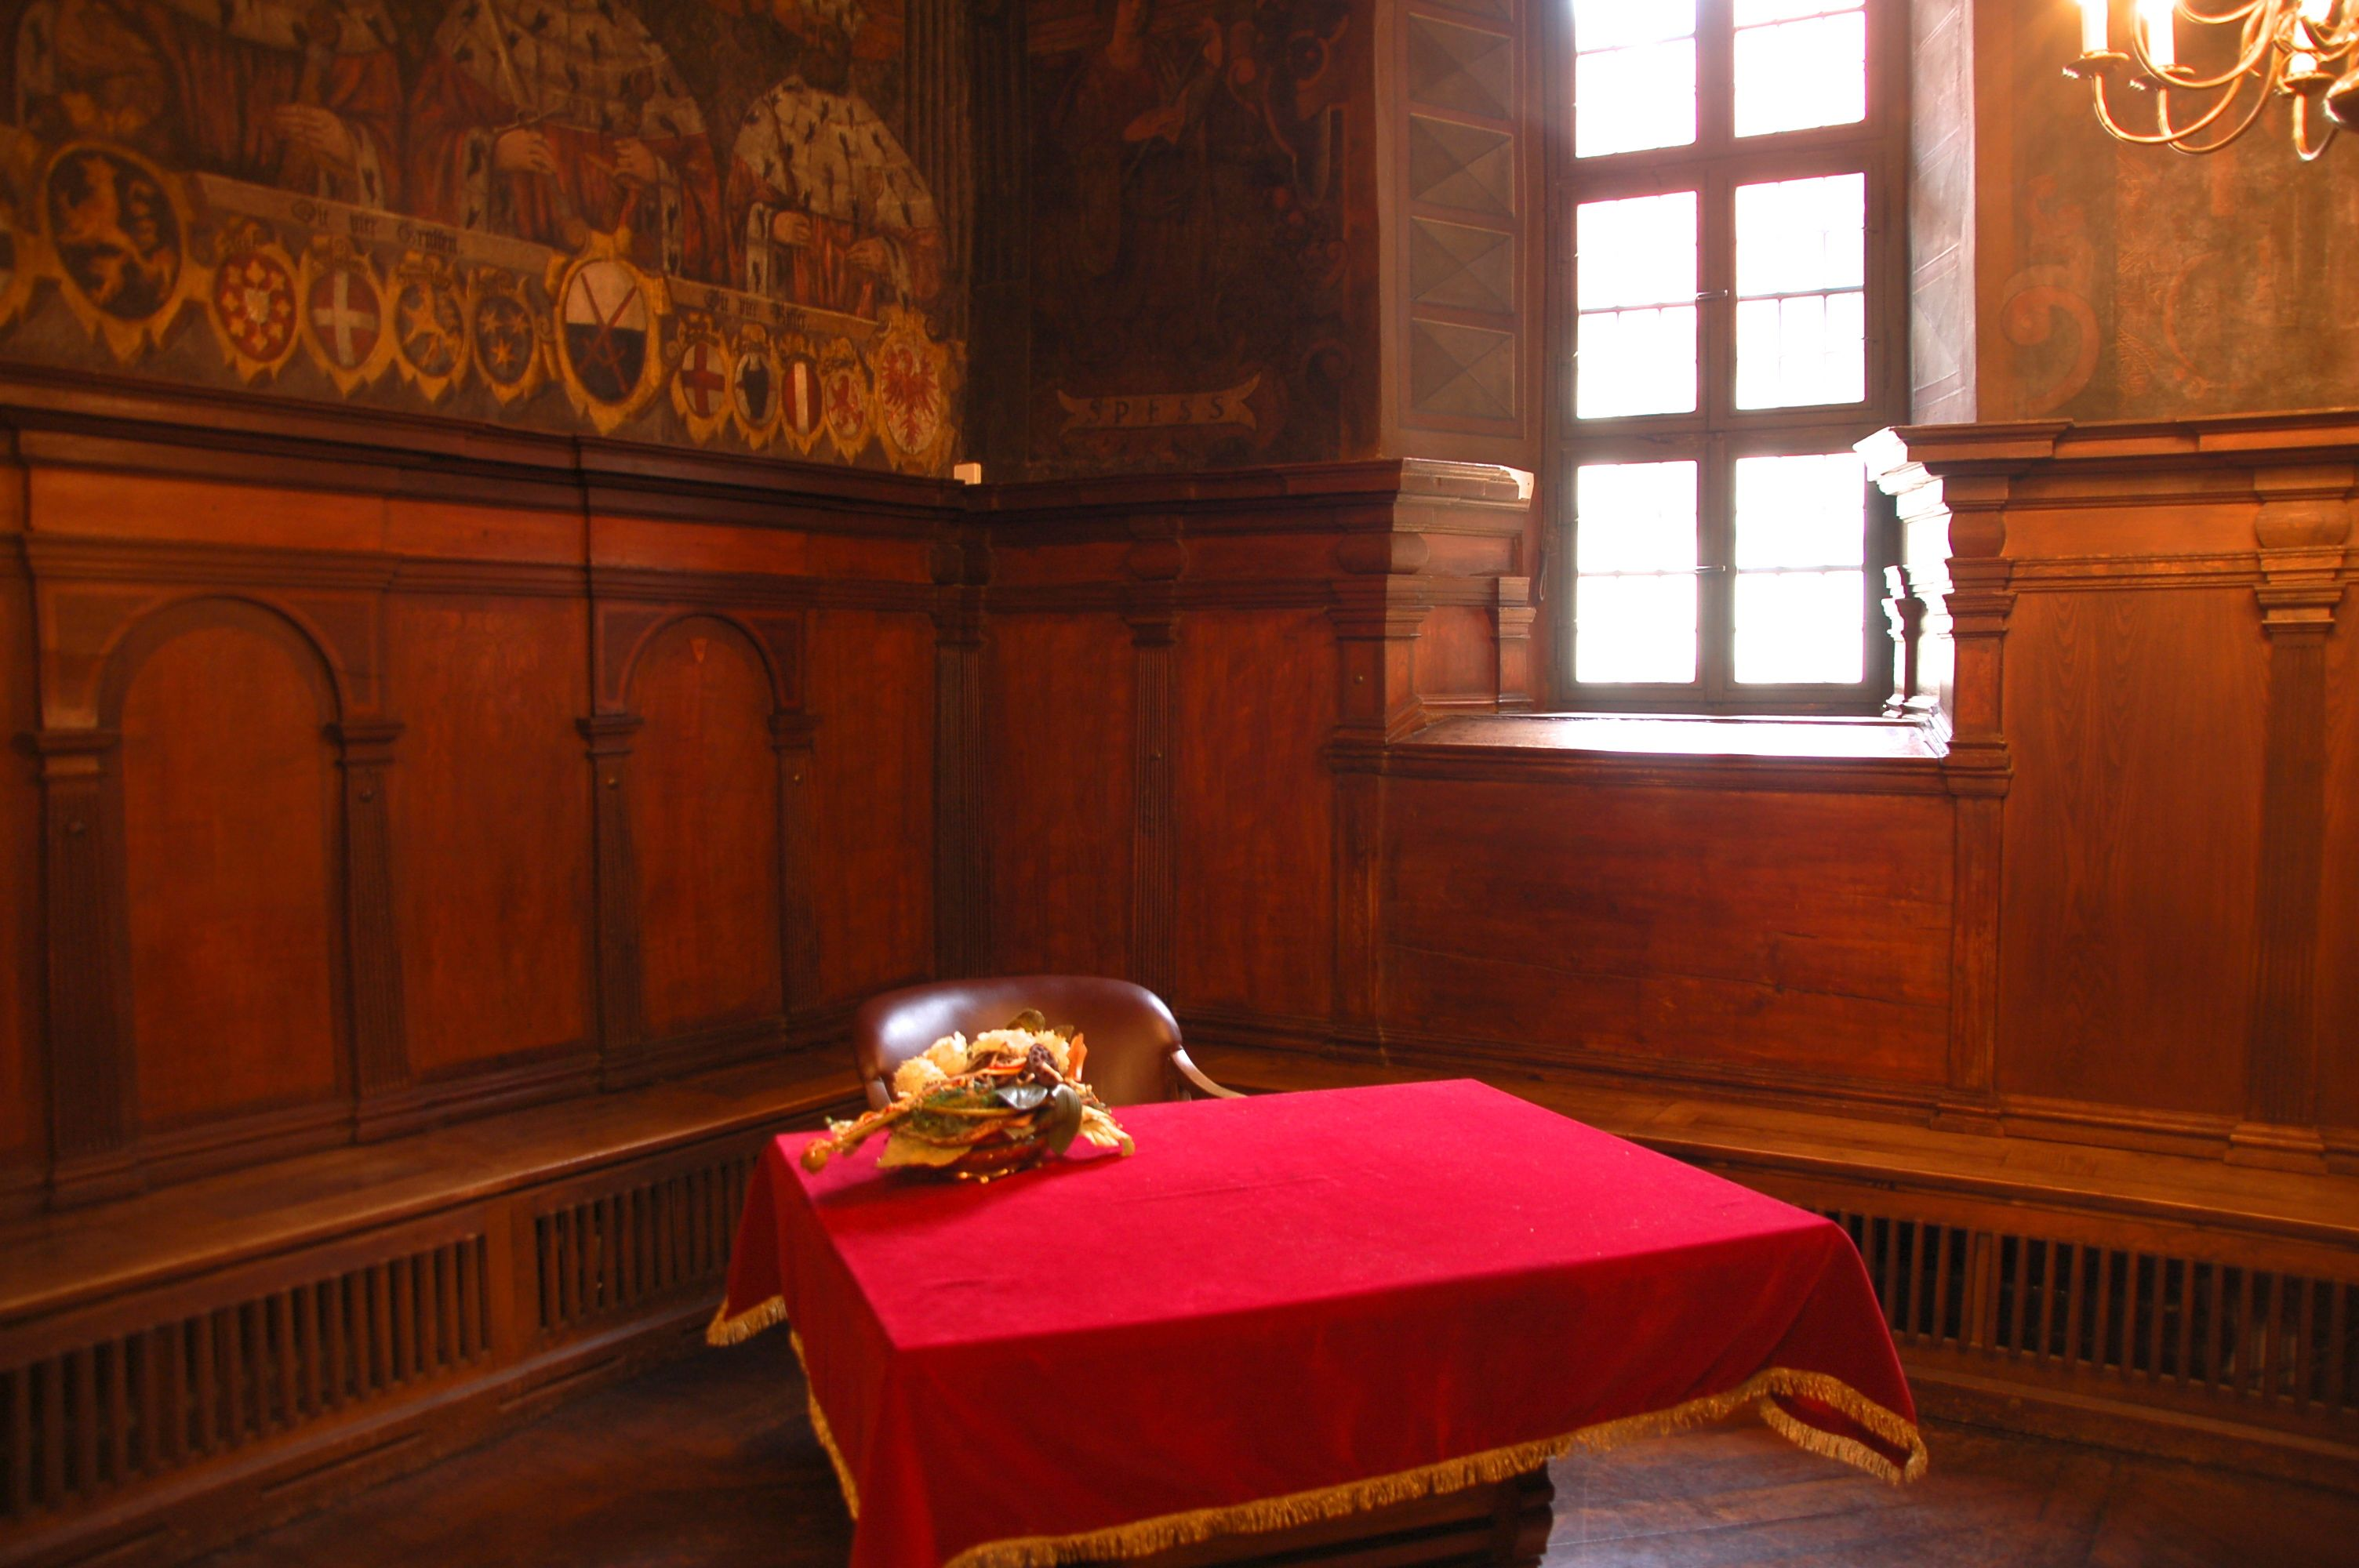 Ecke in der Ratsstube im alten Rathaus Mühlhausen, Schauplatz des Films Rubinrot